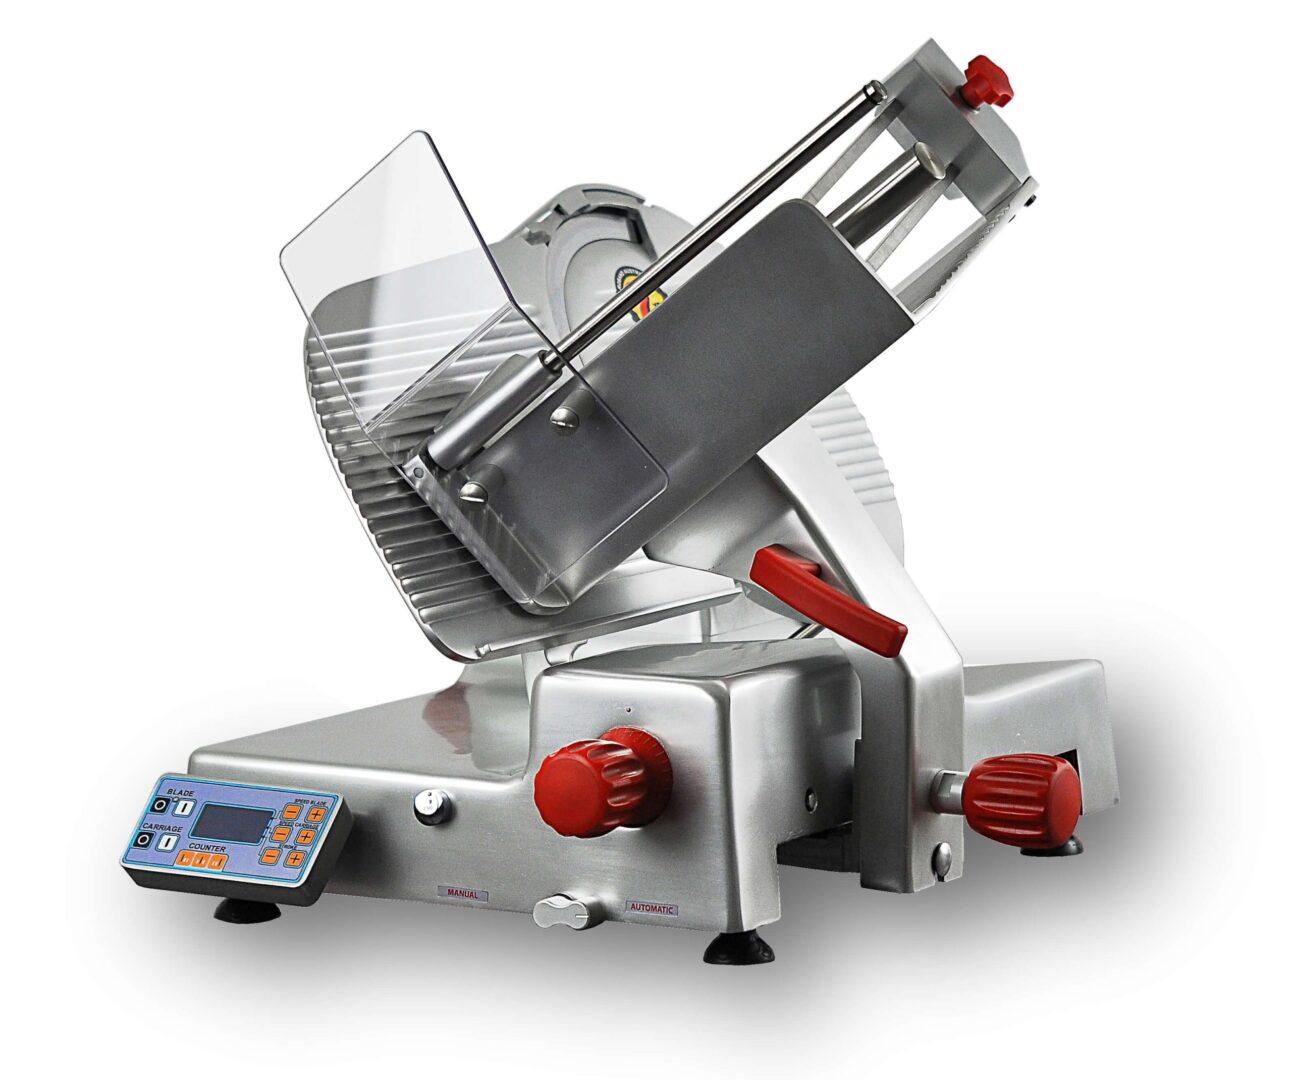 NOAW Fully Automatic Slicer - Heavy Duty